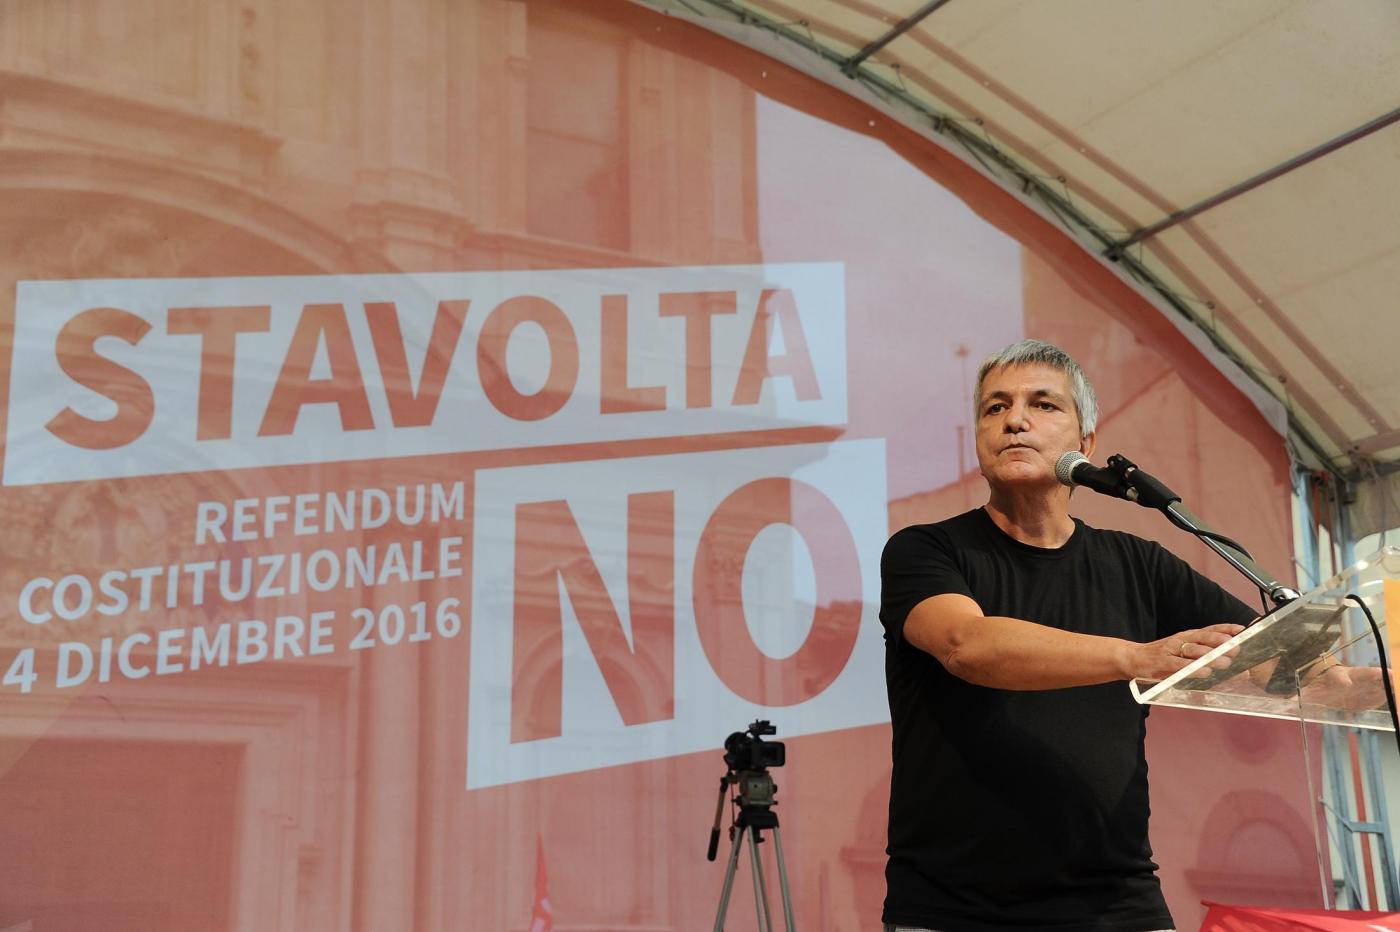 Referendum: Nichi Vendola invita al No ma sul web è virale il refuso 'refendum'